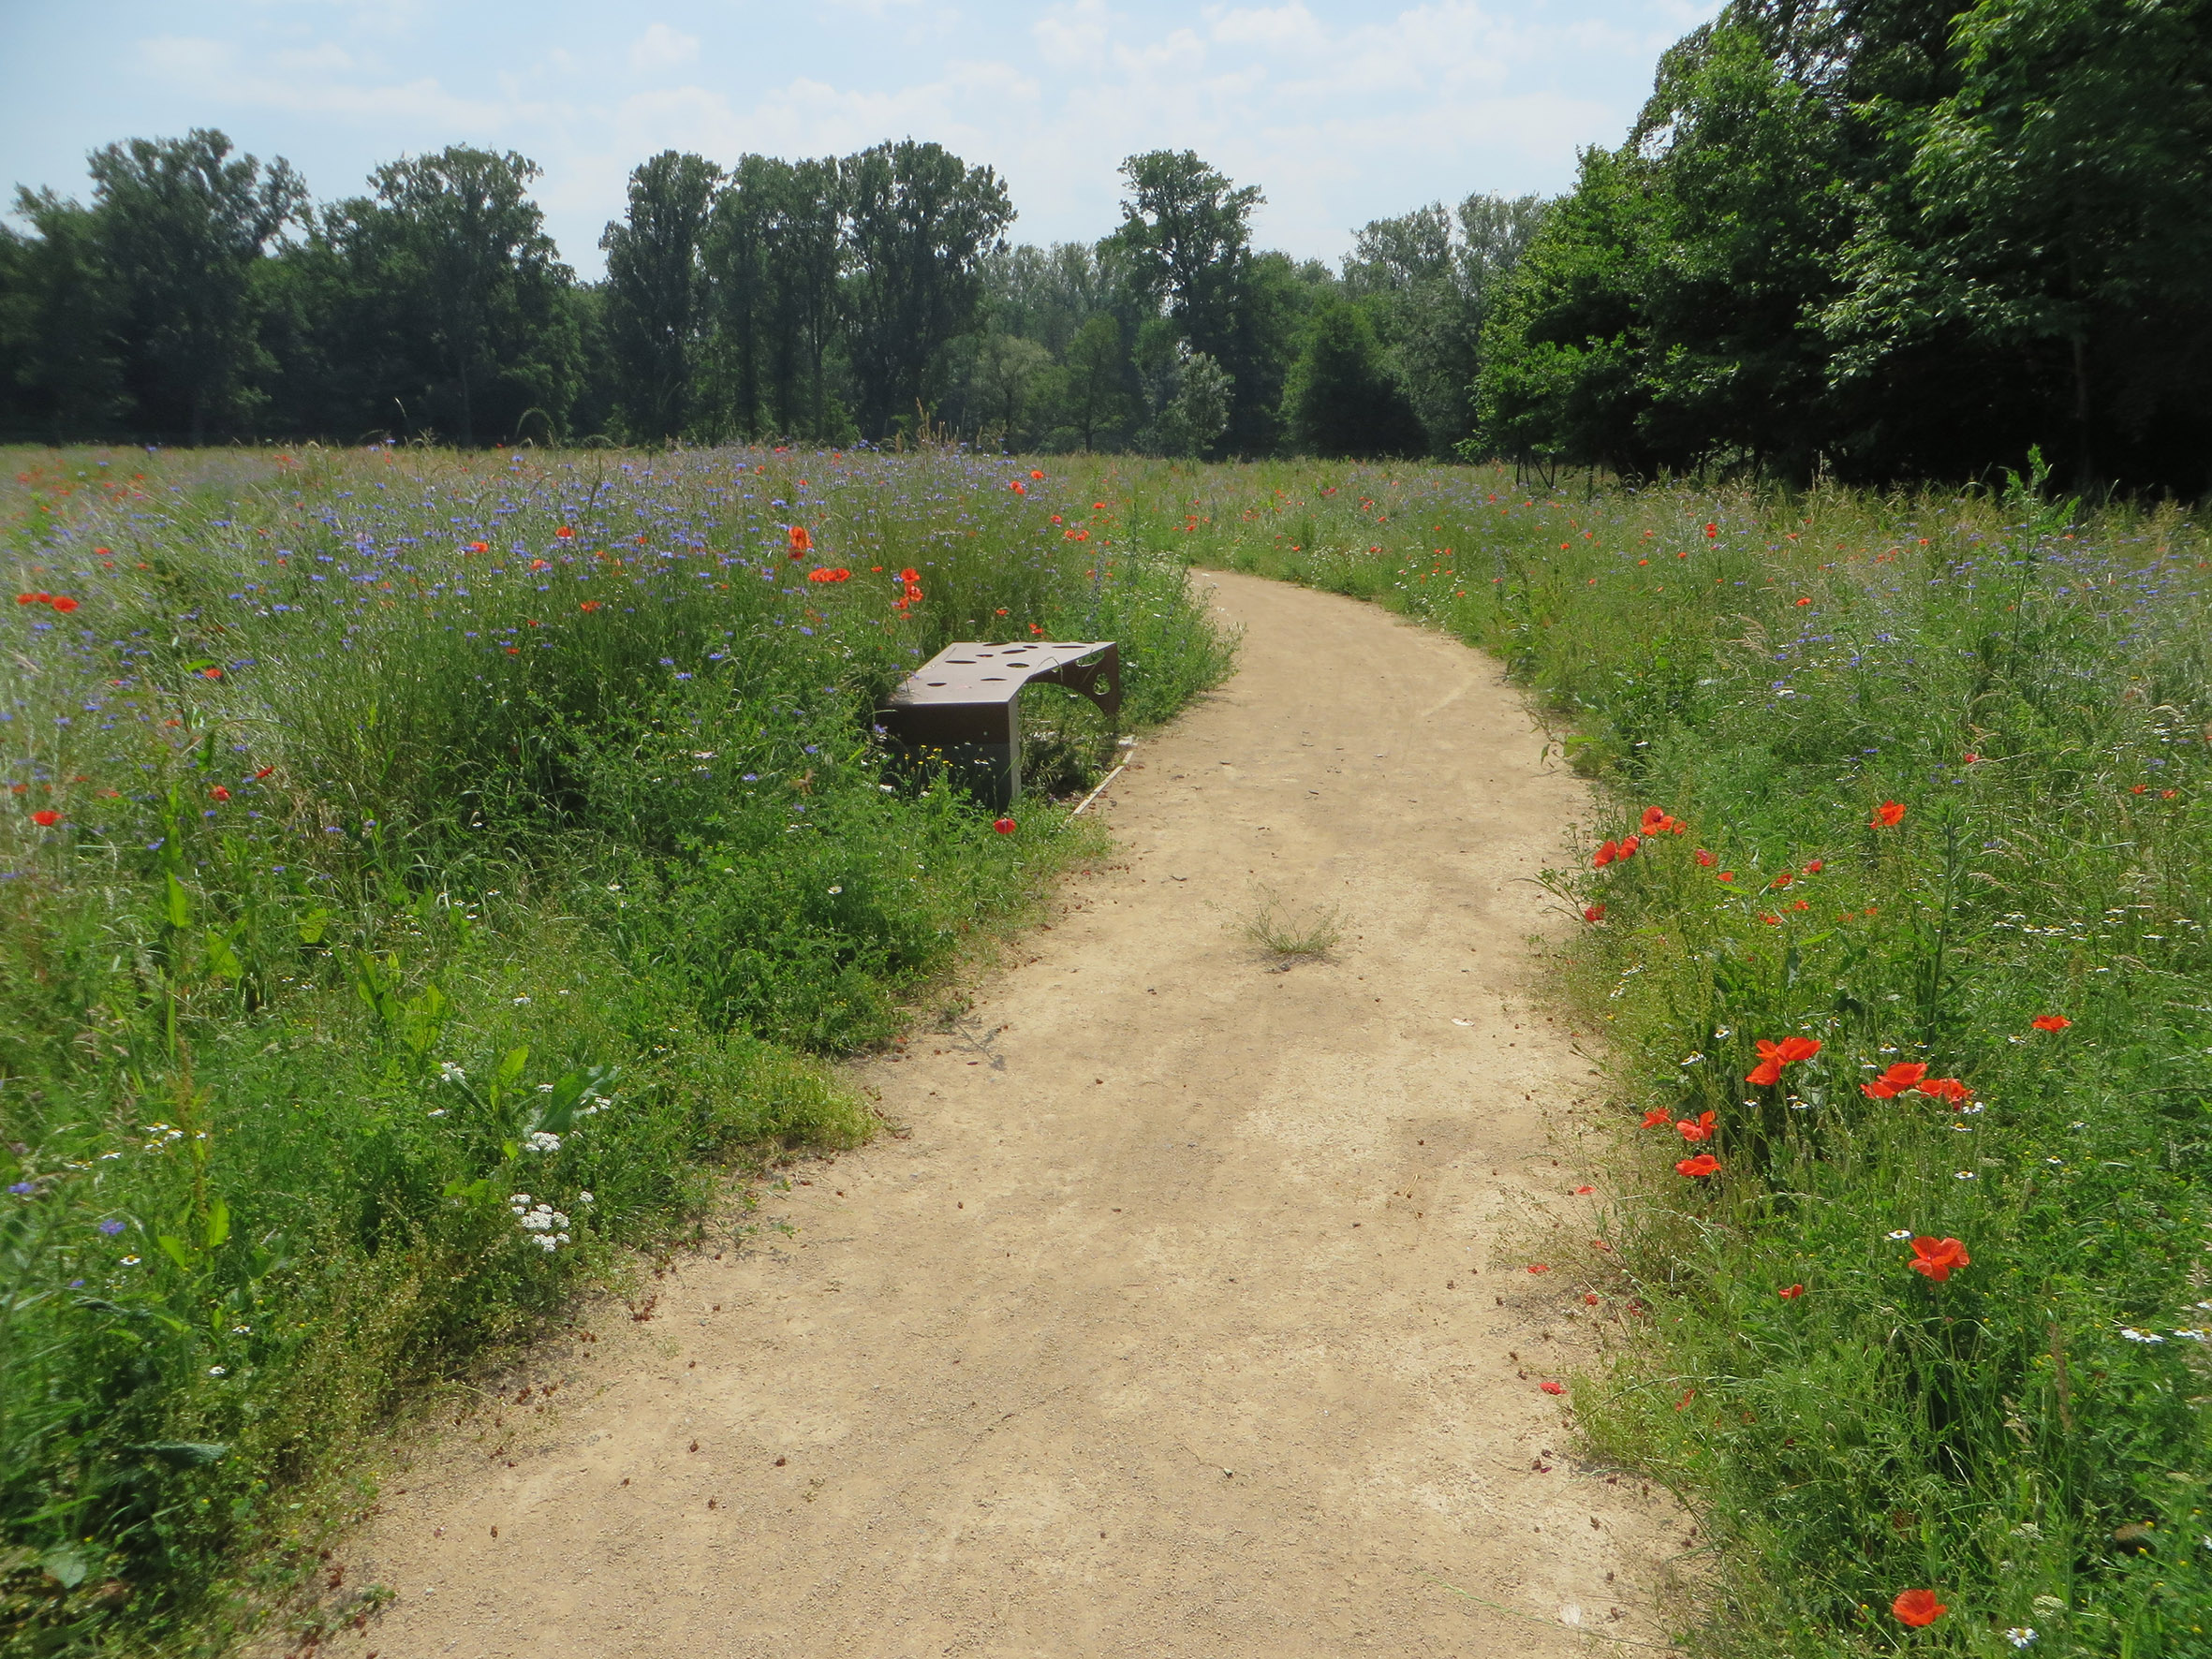 http://iups.eu/wp-content/uploads/2018/06/Ernolsheim-Bruche-parc.jpg